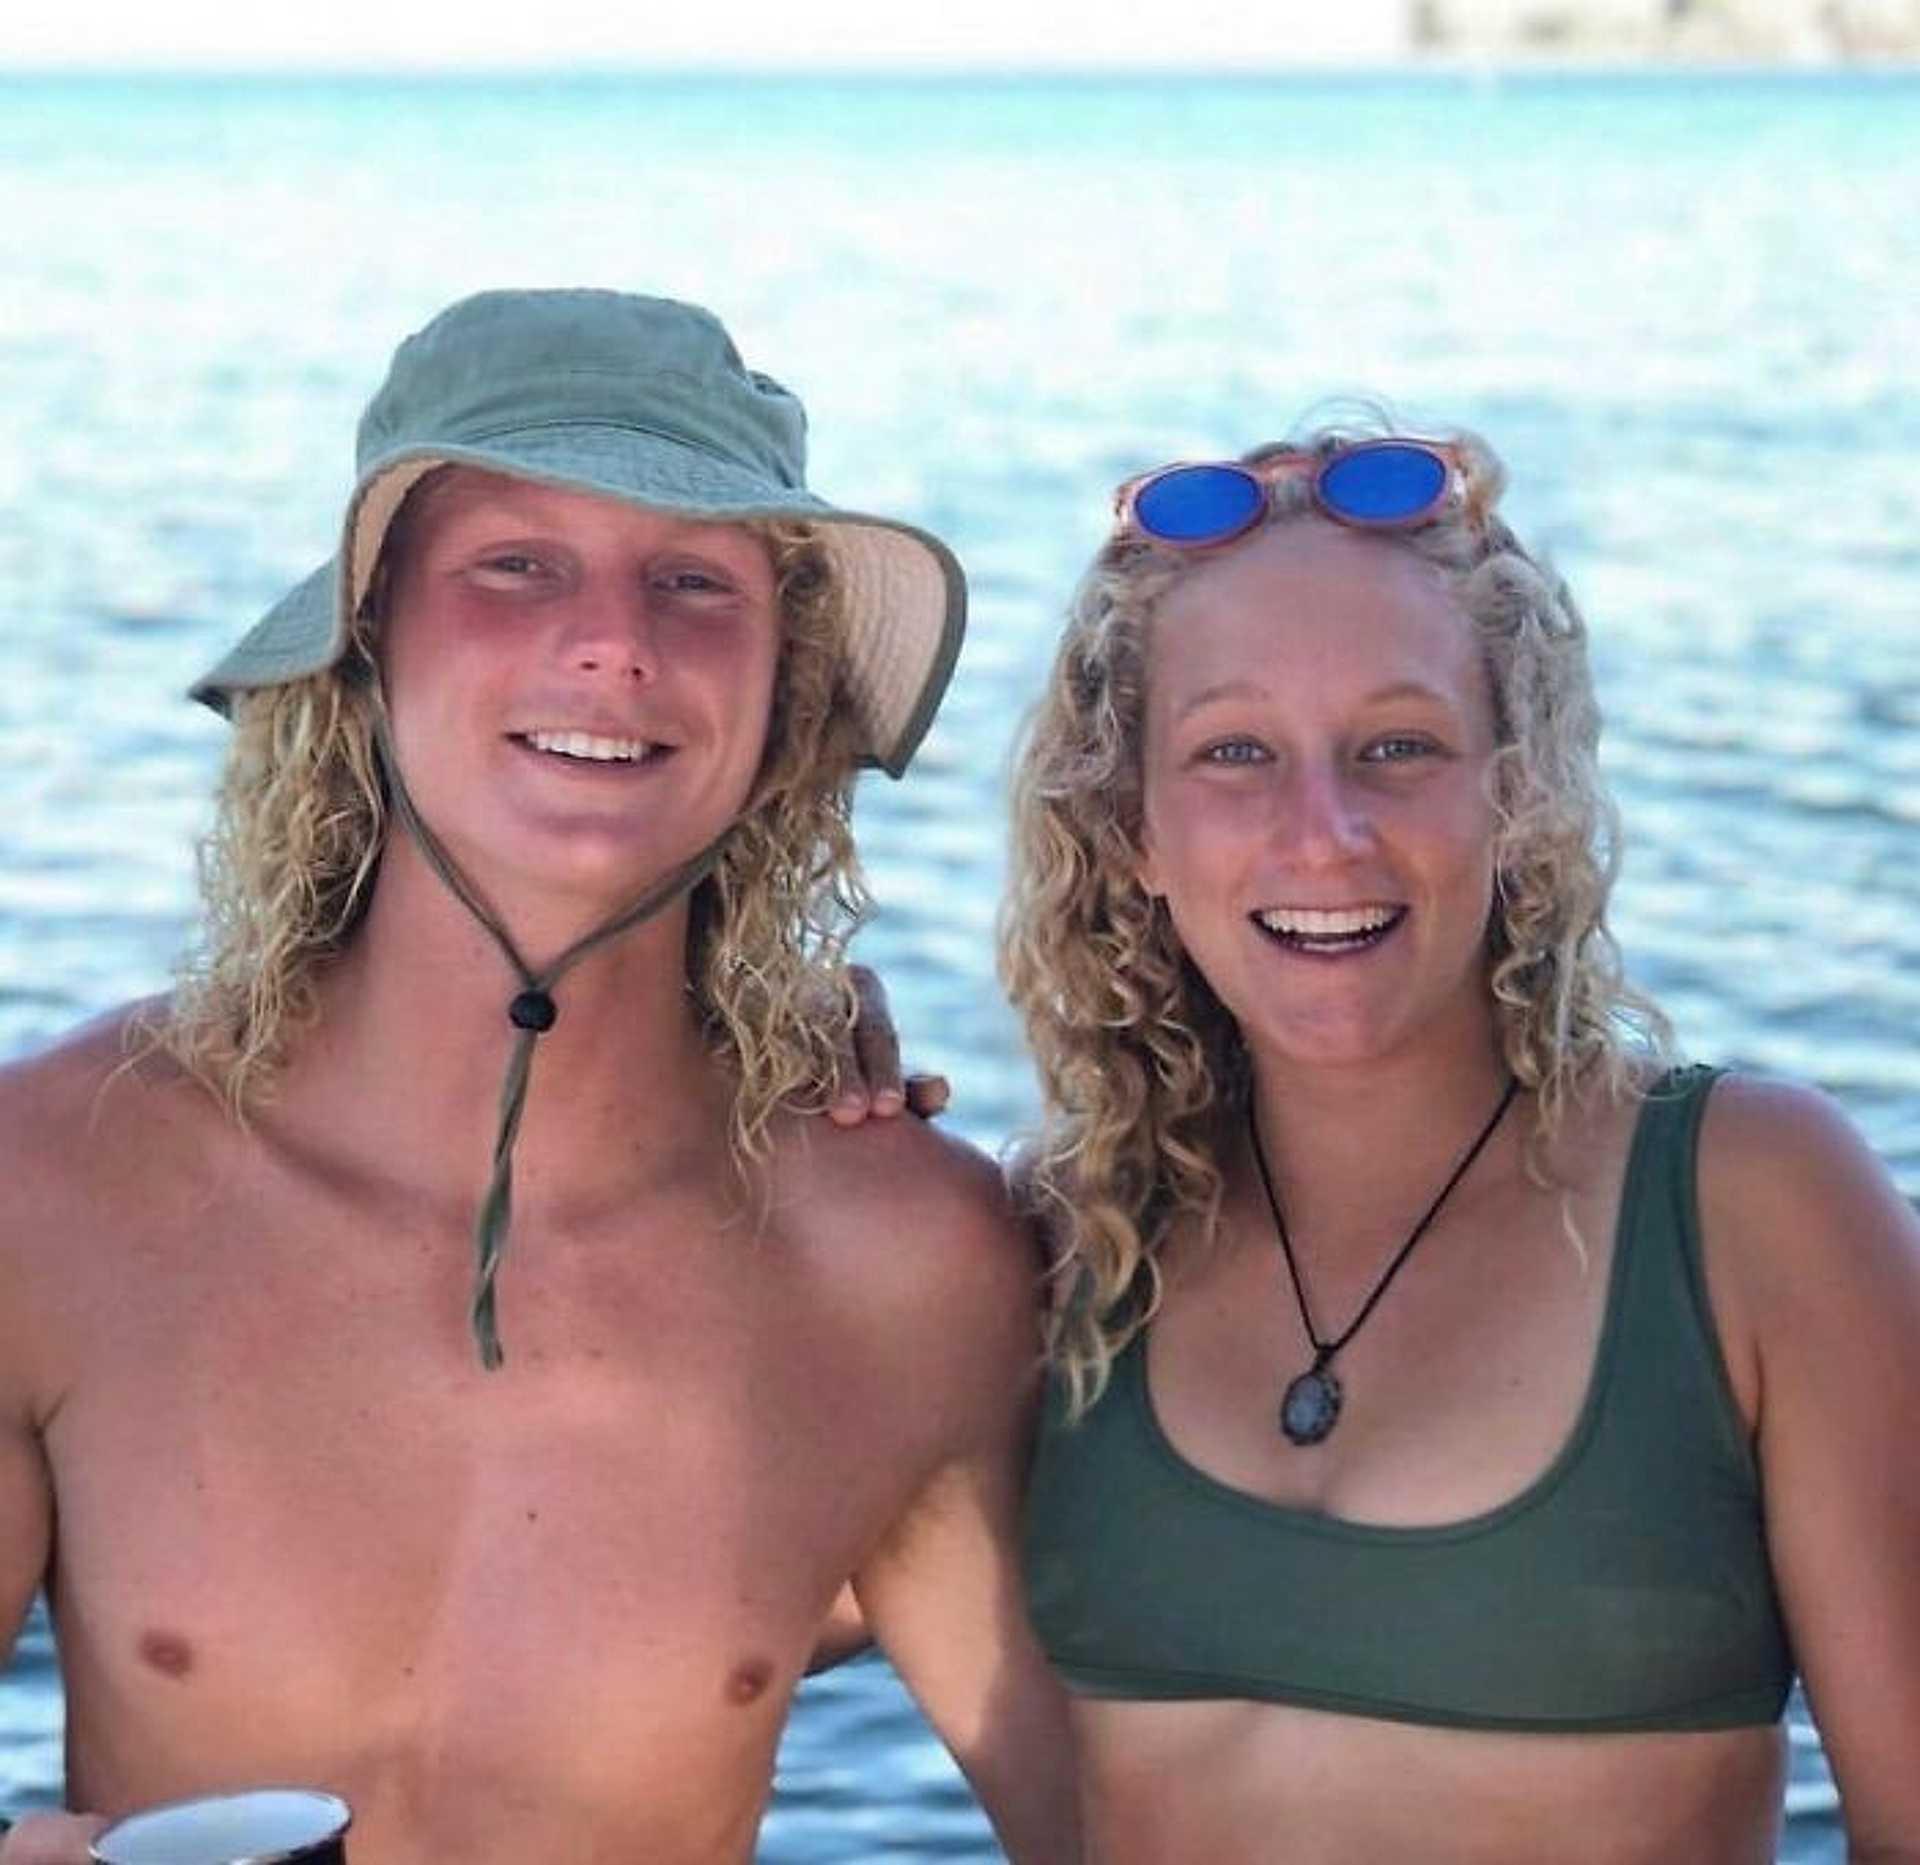 Siblings or Dating? -randiznak